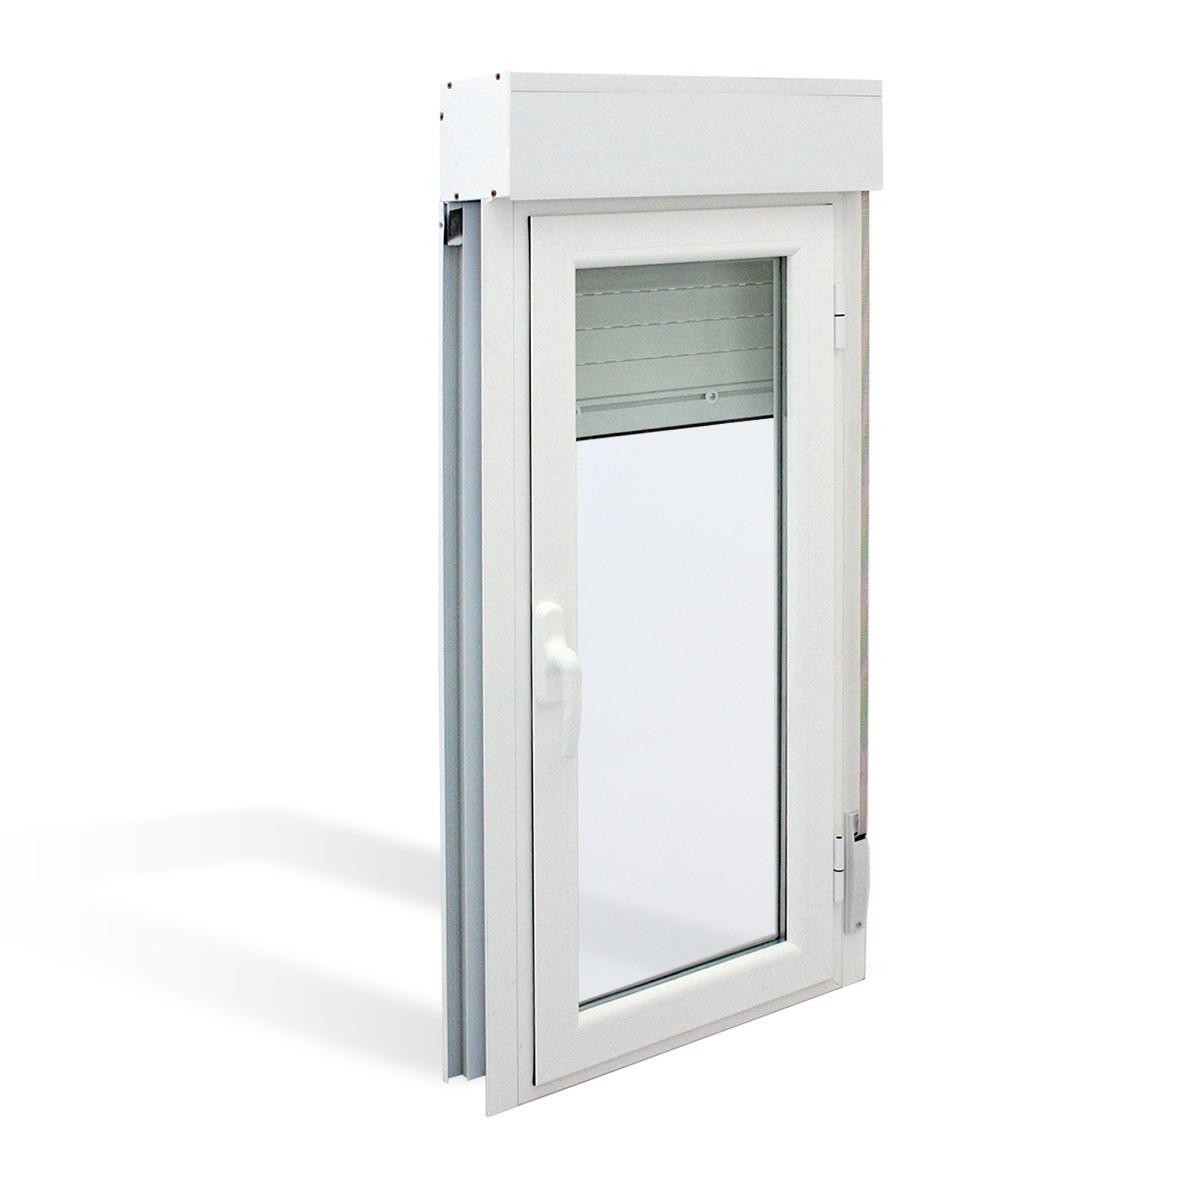 Precio ventana pvc best ventanas aluminio y pvc with for Precio de aluminio